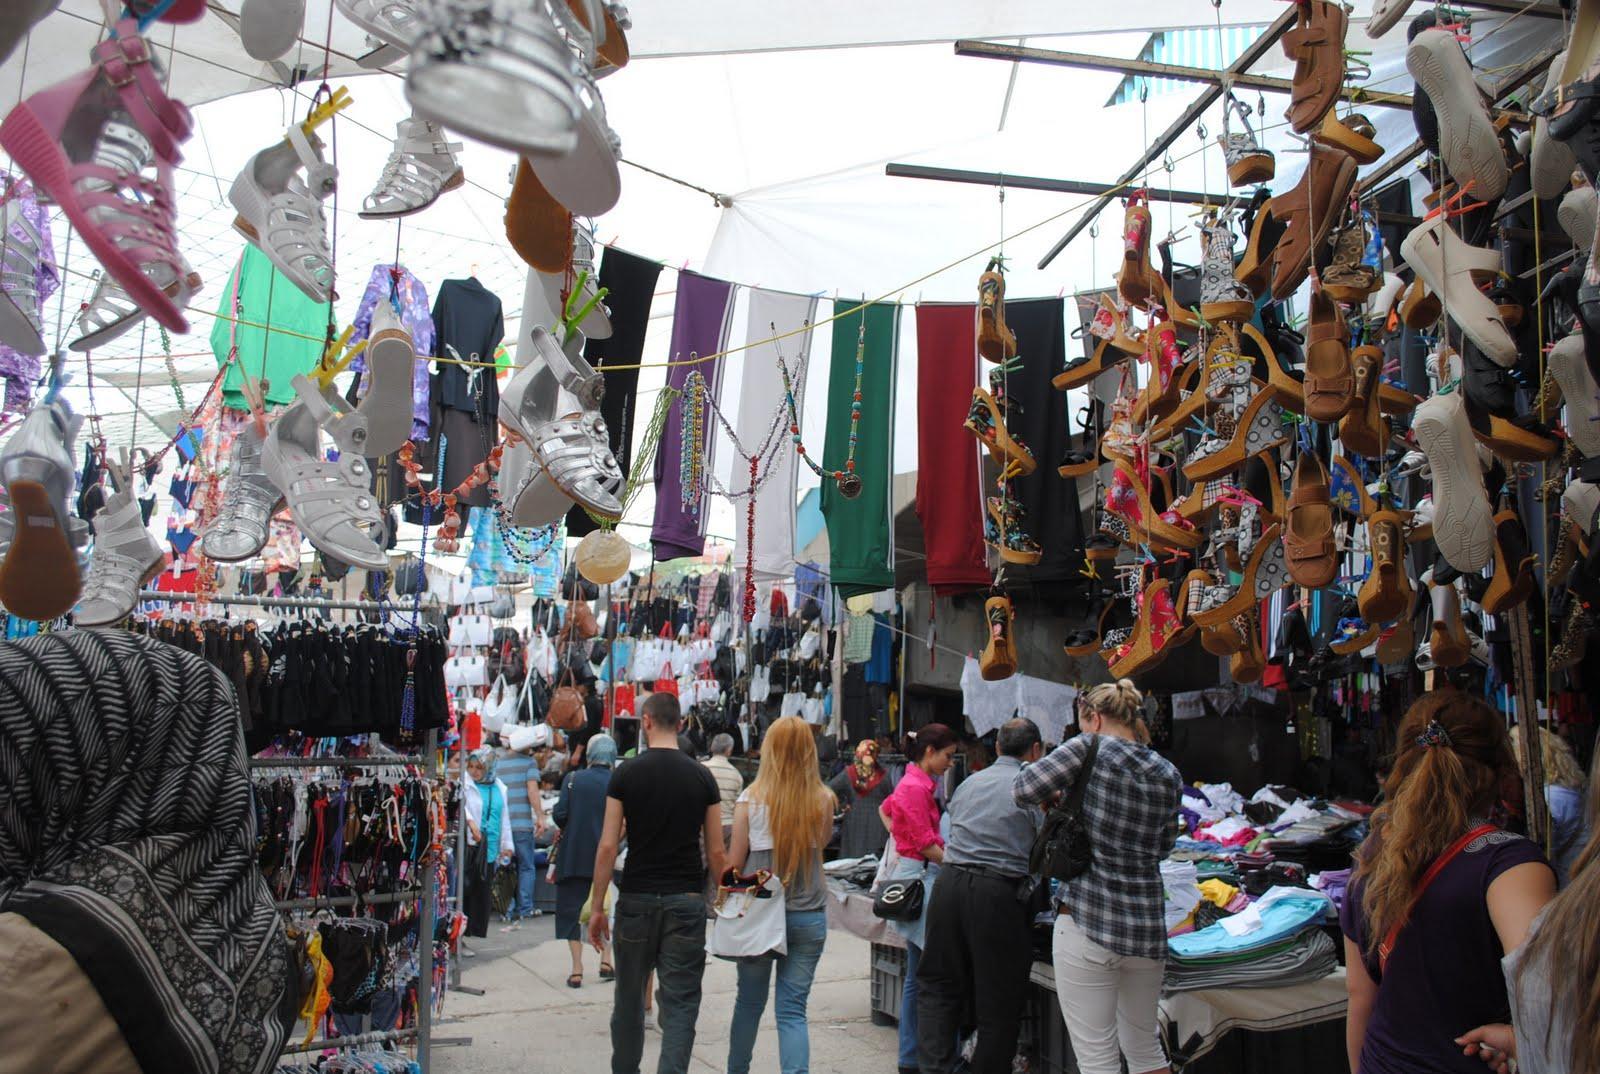 شنبه بازار باکرکوی استانبول